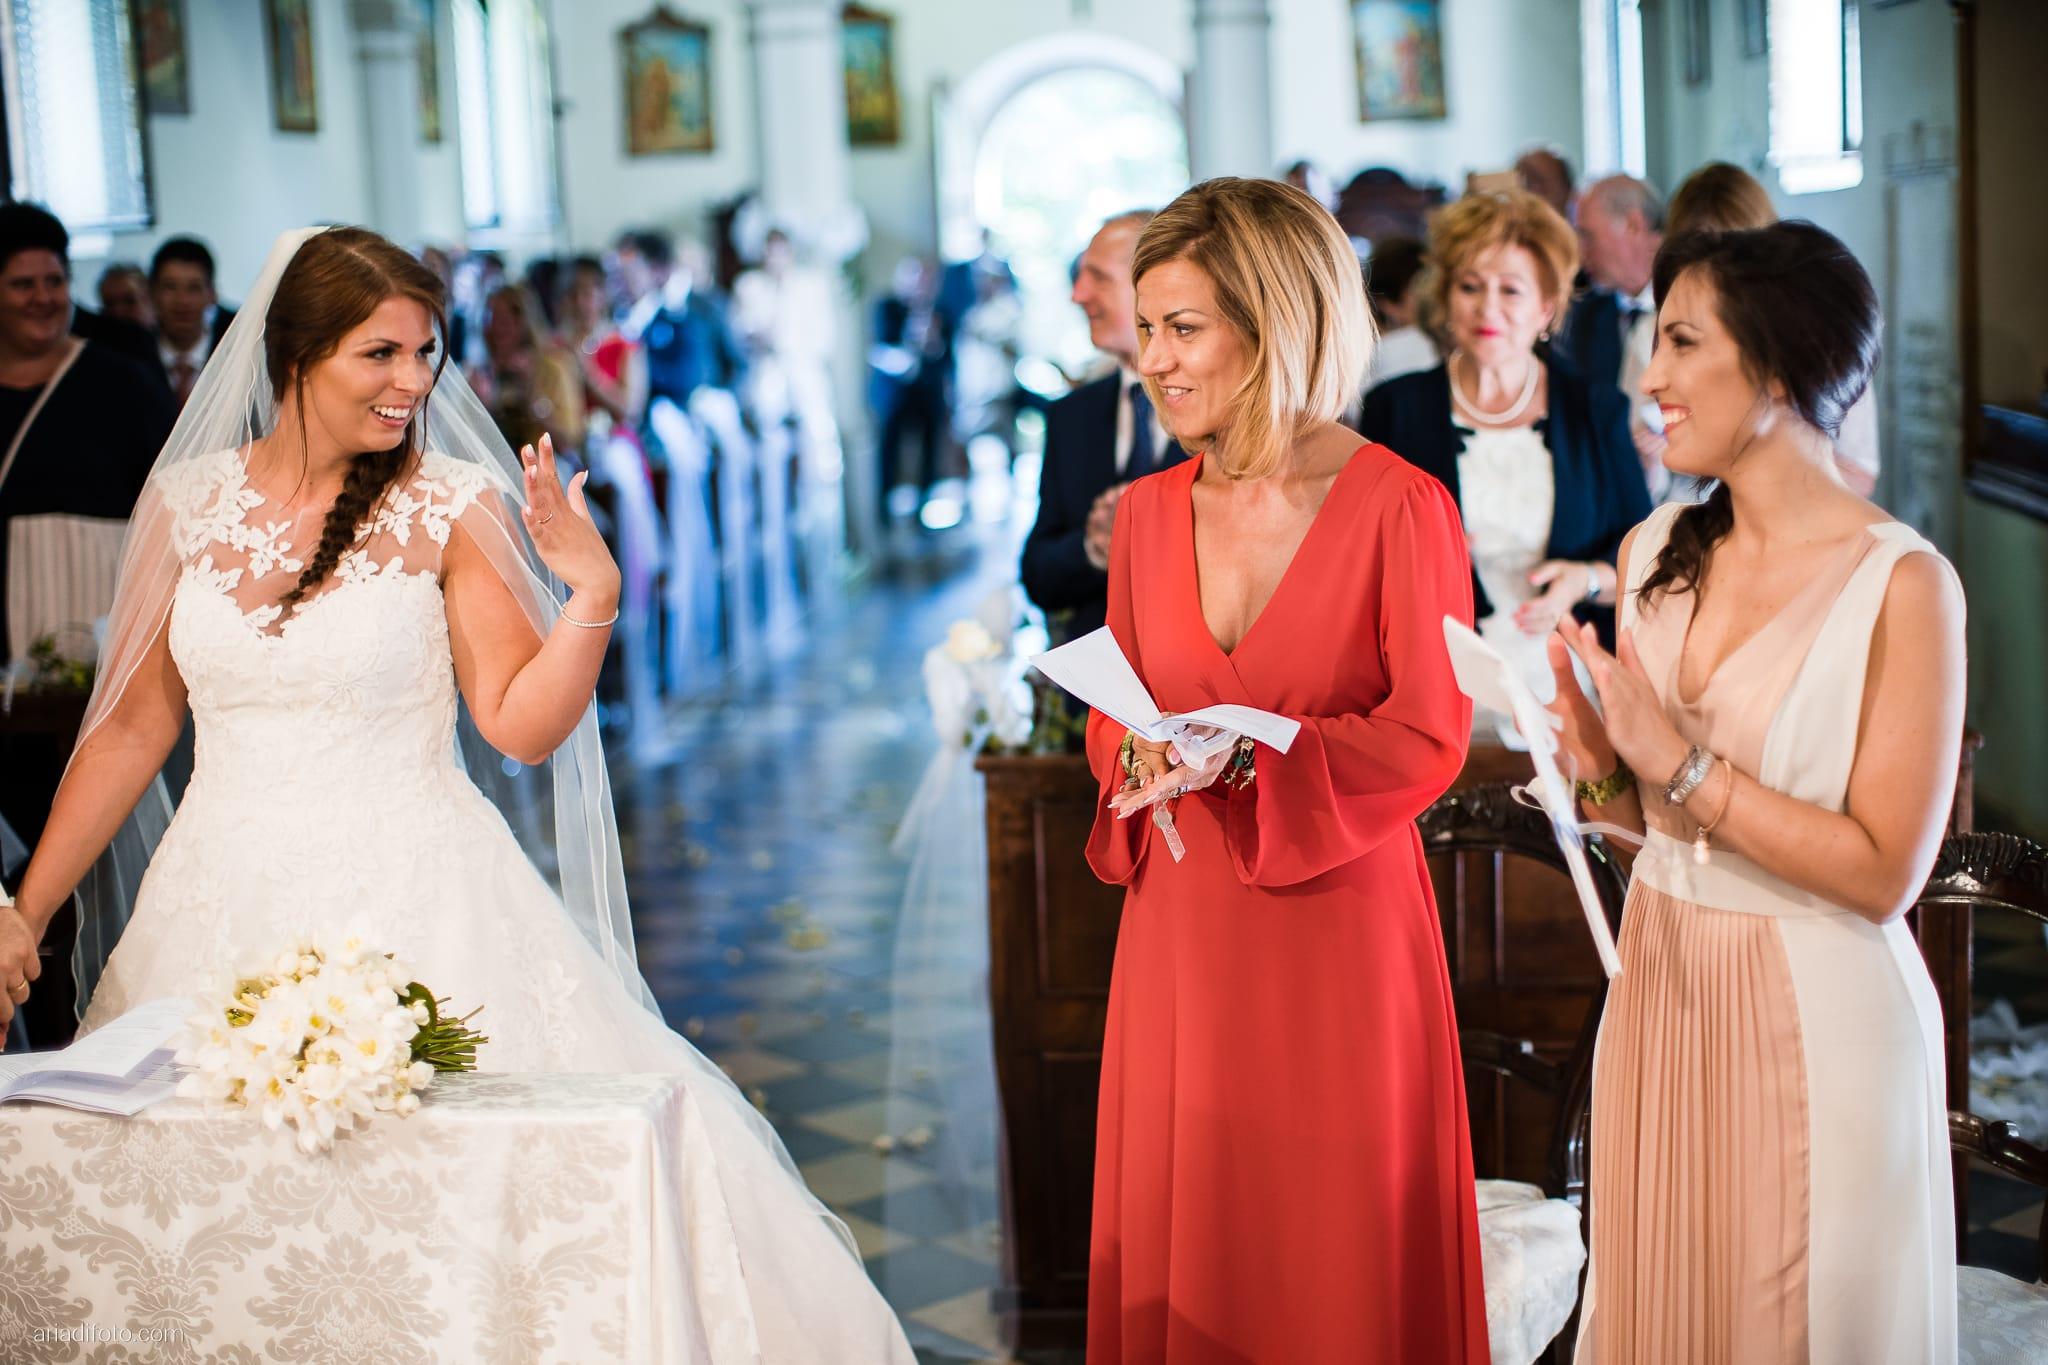 Lavinia Daniele Matrimonio Medea Gorizia Villa Elodia Trivignano Udinese Udine cerimonia promesse scambio degli anelli